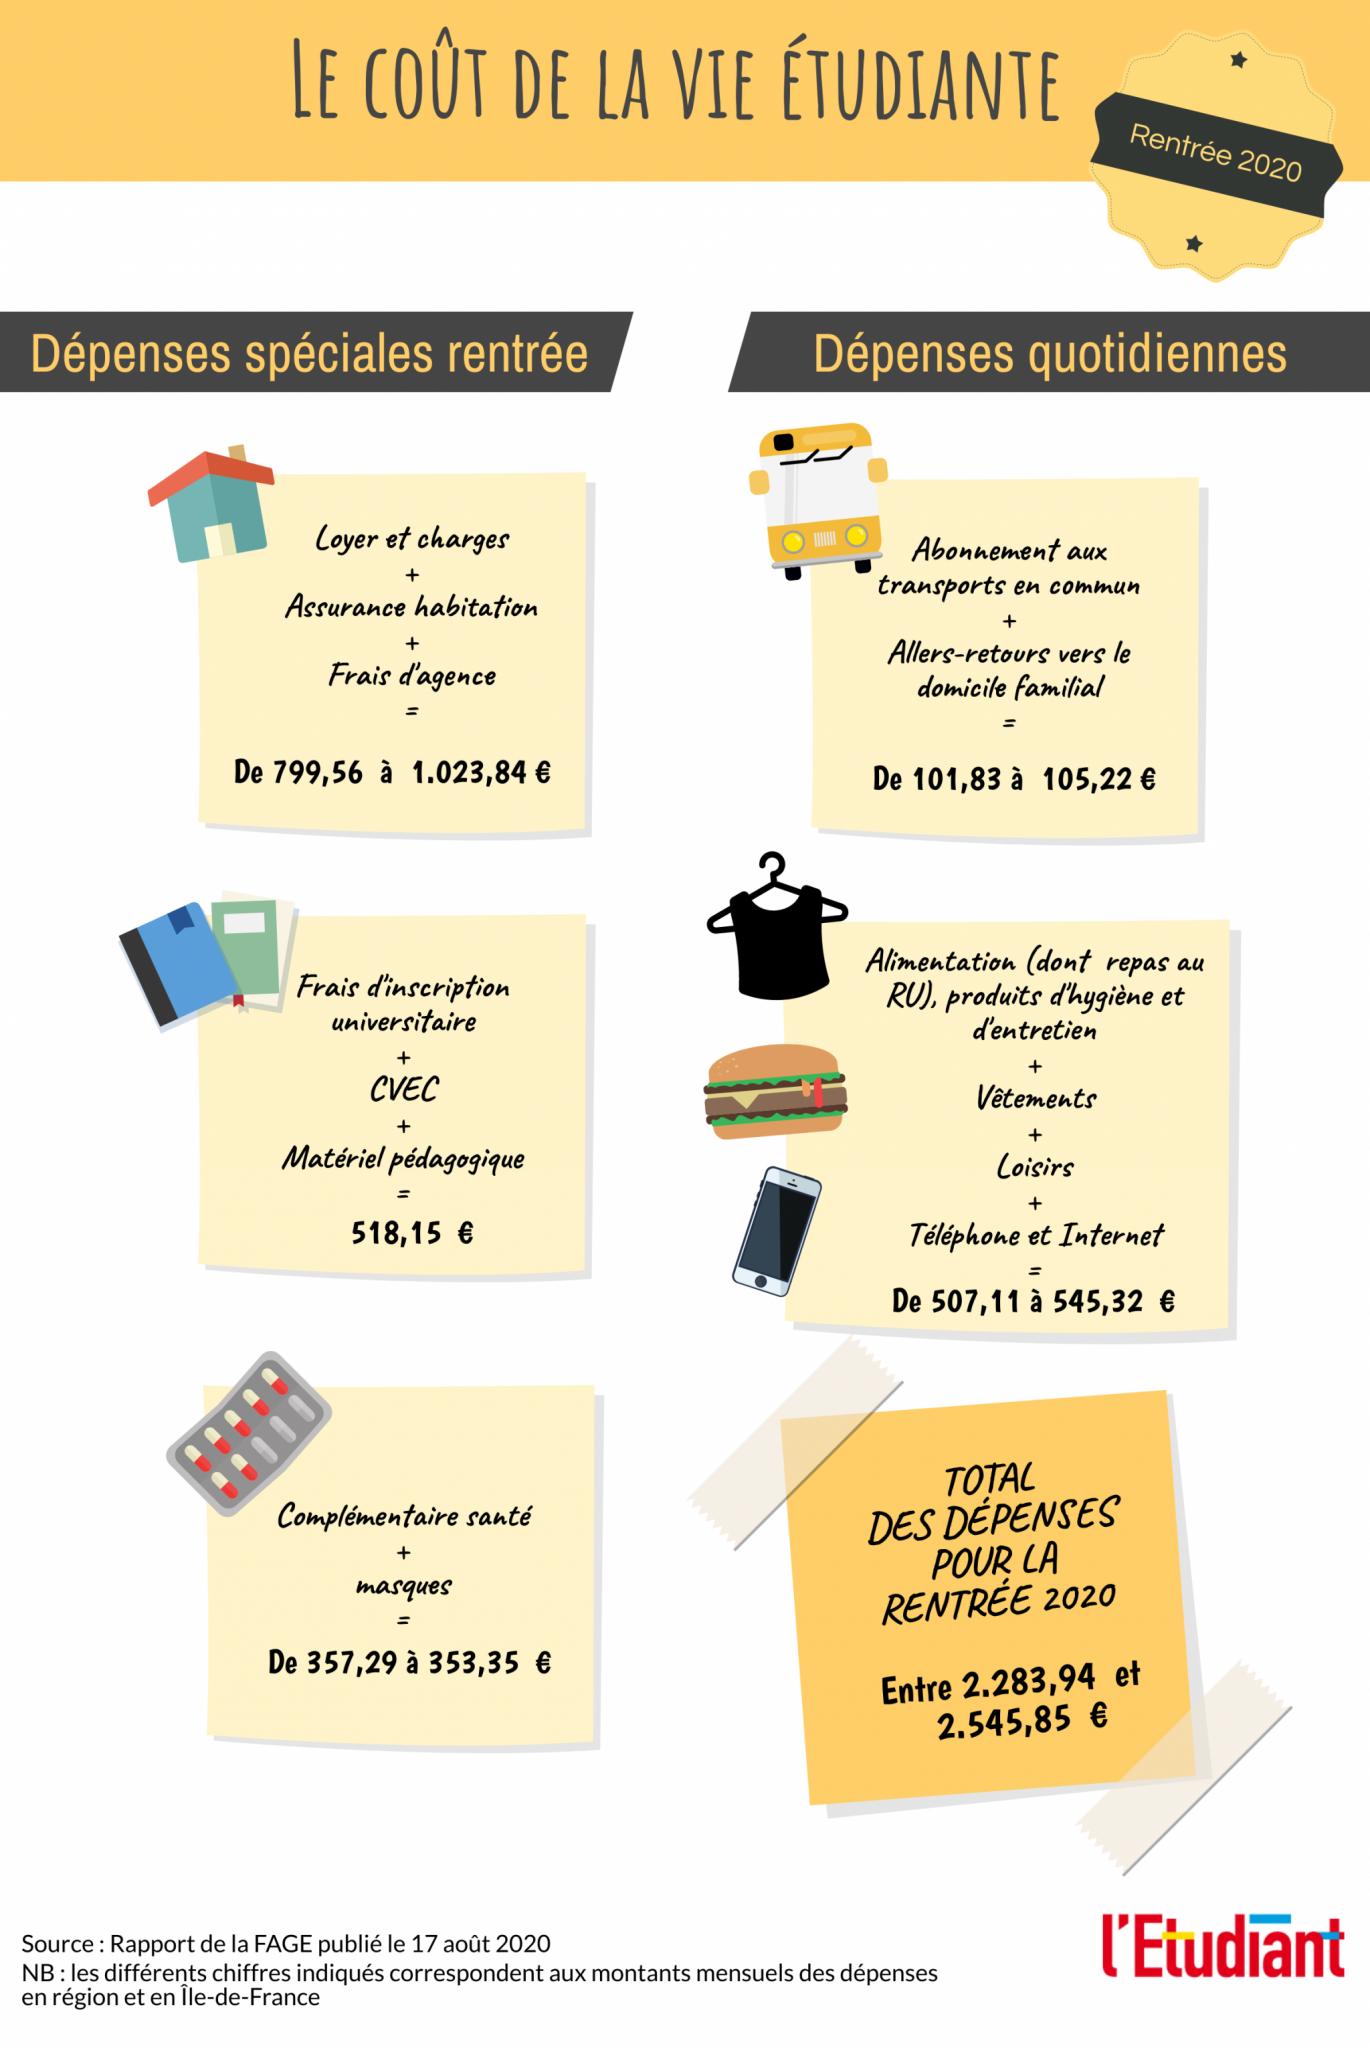 Le coût de la vie étudiante pour la rentrée 2020